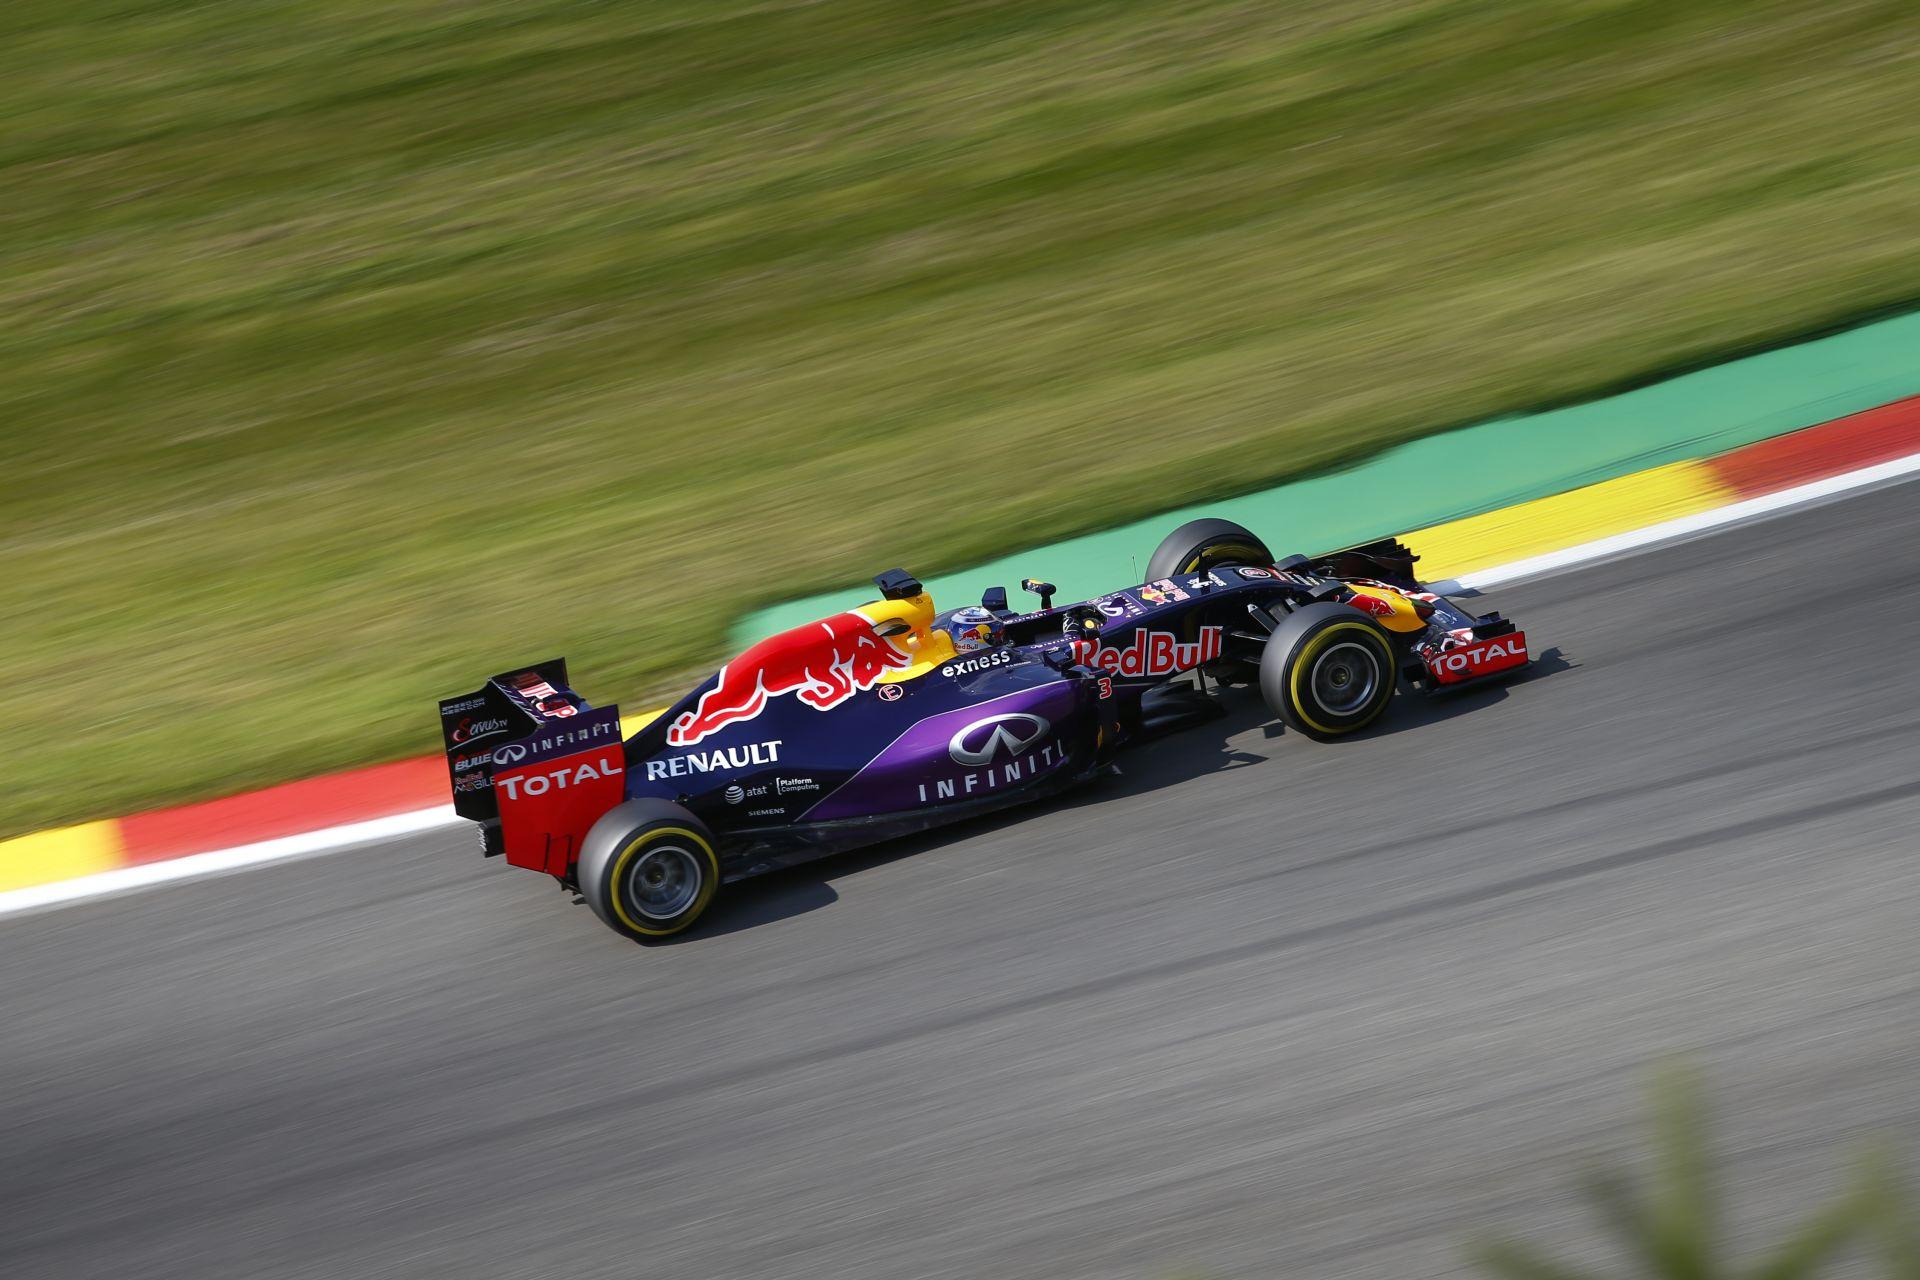 Ricciardo: Az ötödik rajthely már megvan - talán holnap jöhet a győzelem Spában!